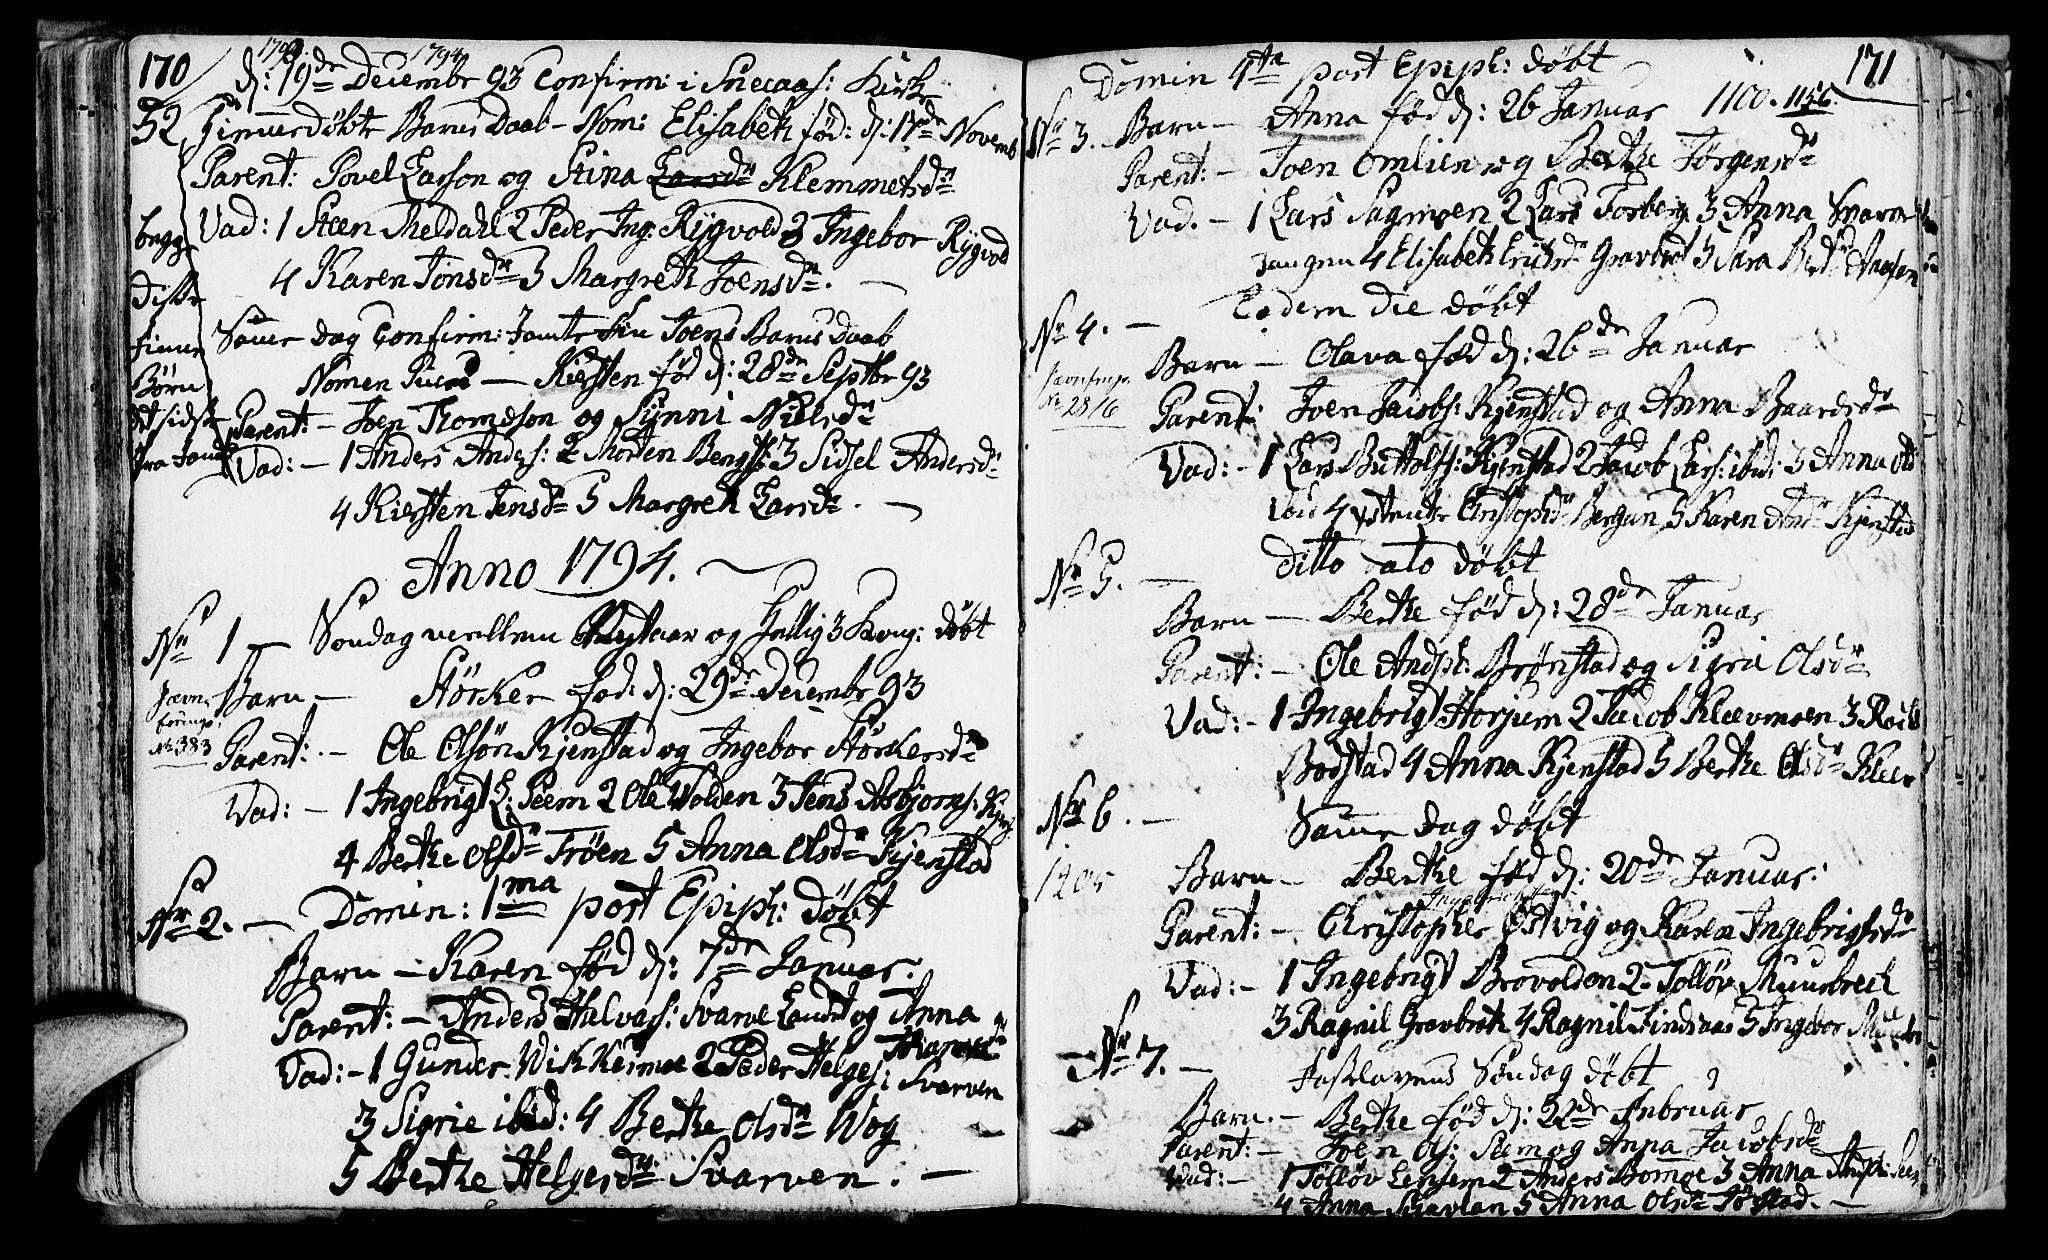 SAT, Ministerialprotokoller, klokkerbøker og fødselsregistre - Nord-Trøndelag, 749/L0468: Ministerialbok nr. 749A02, 1787-1817, s. 170-171